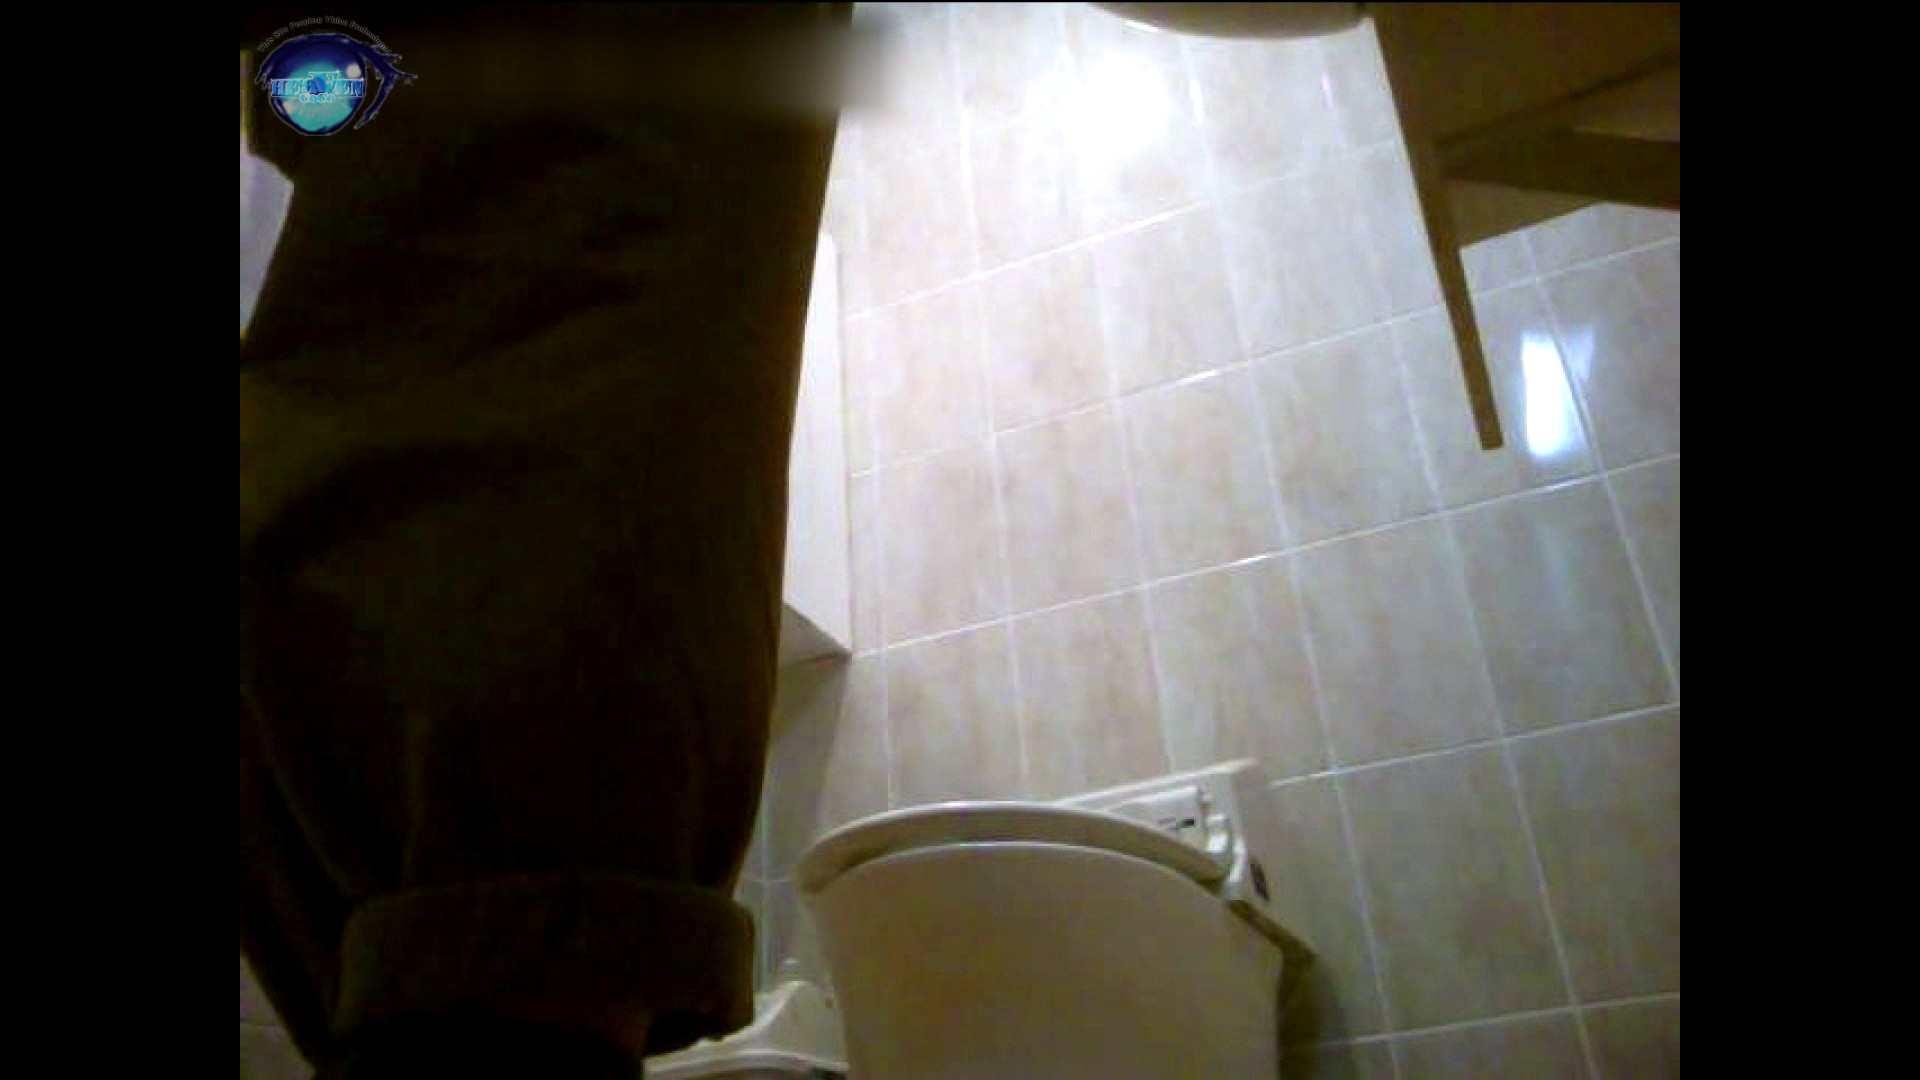 セブん‐イレブん~近くてイ更器~vol.08 OLエロ画像 | 洗面所  41PICs 17